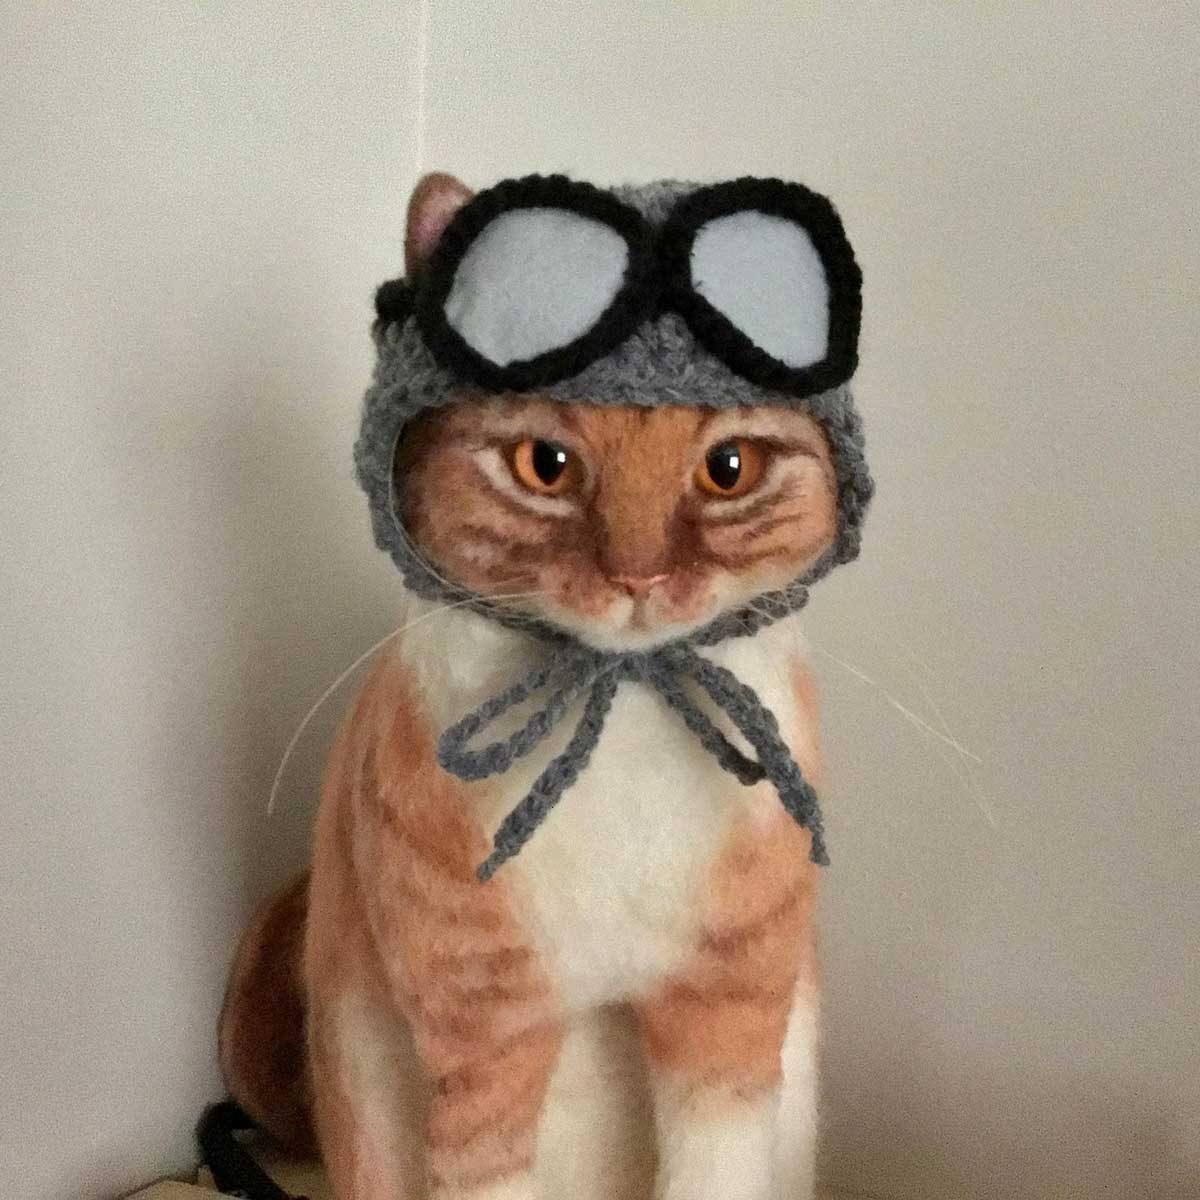 Pilot cat costume